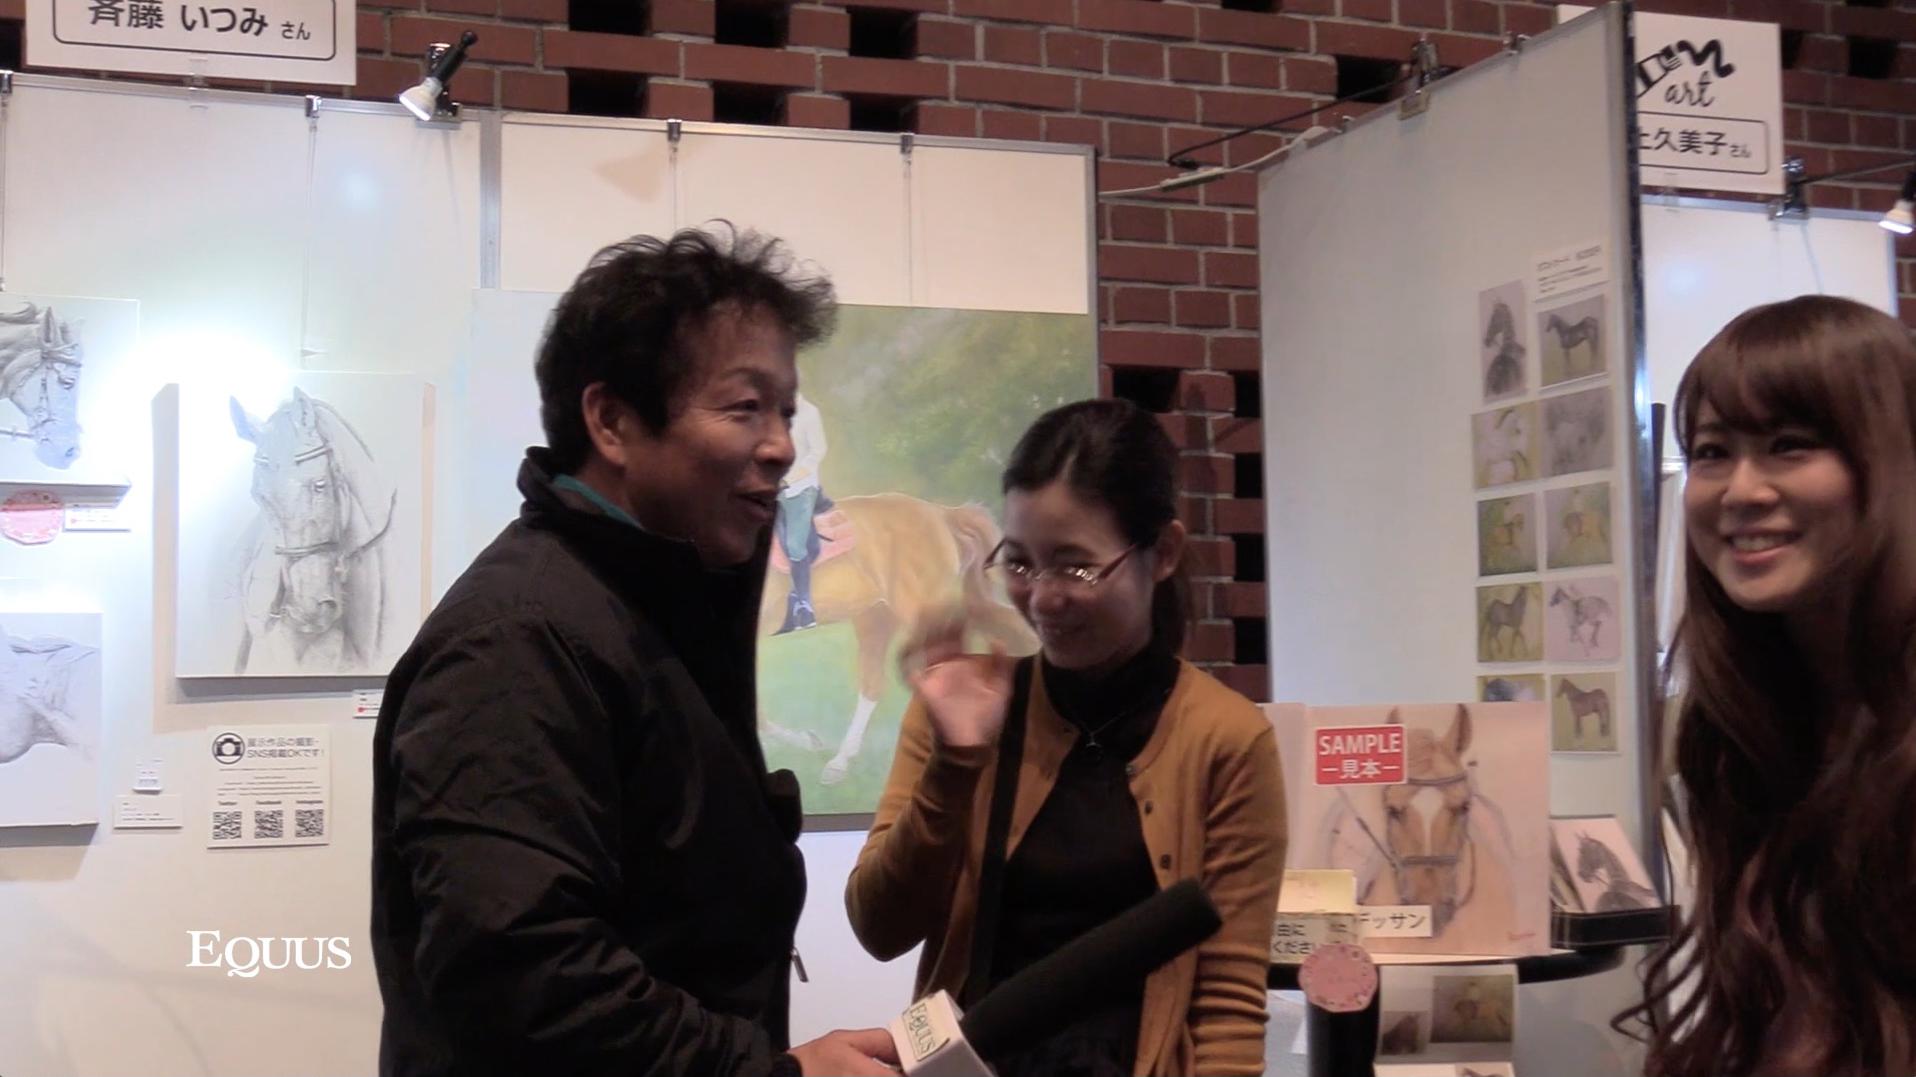 馬を描く、二人の画家_斉藤いつみさんと阪上久美子さんのホースメッセ出店レポート